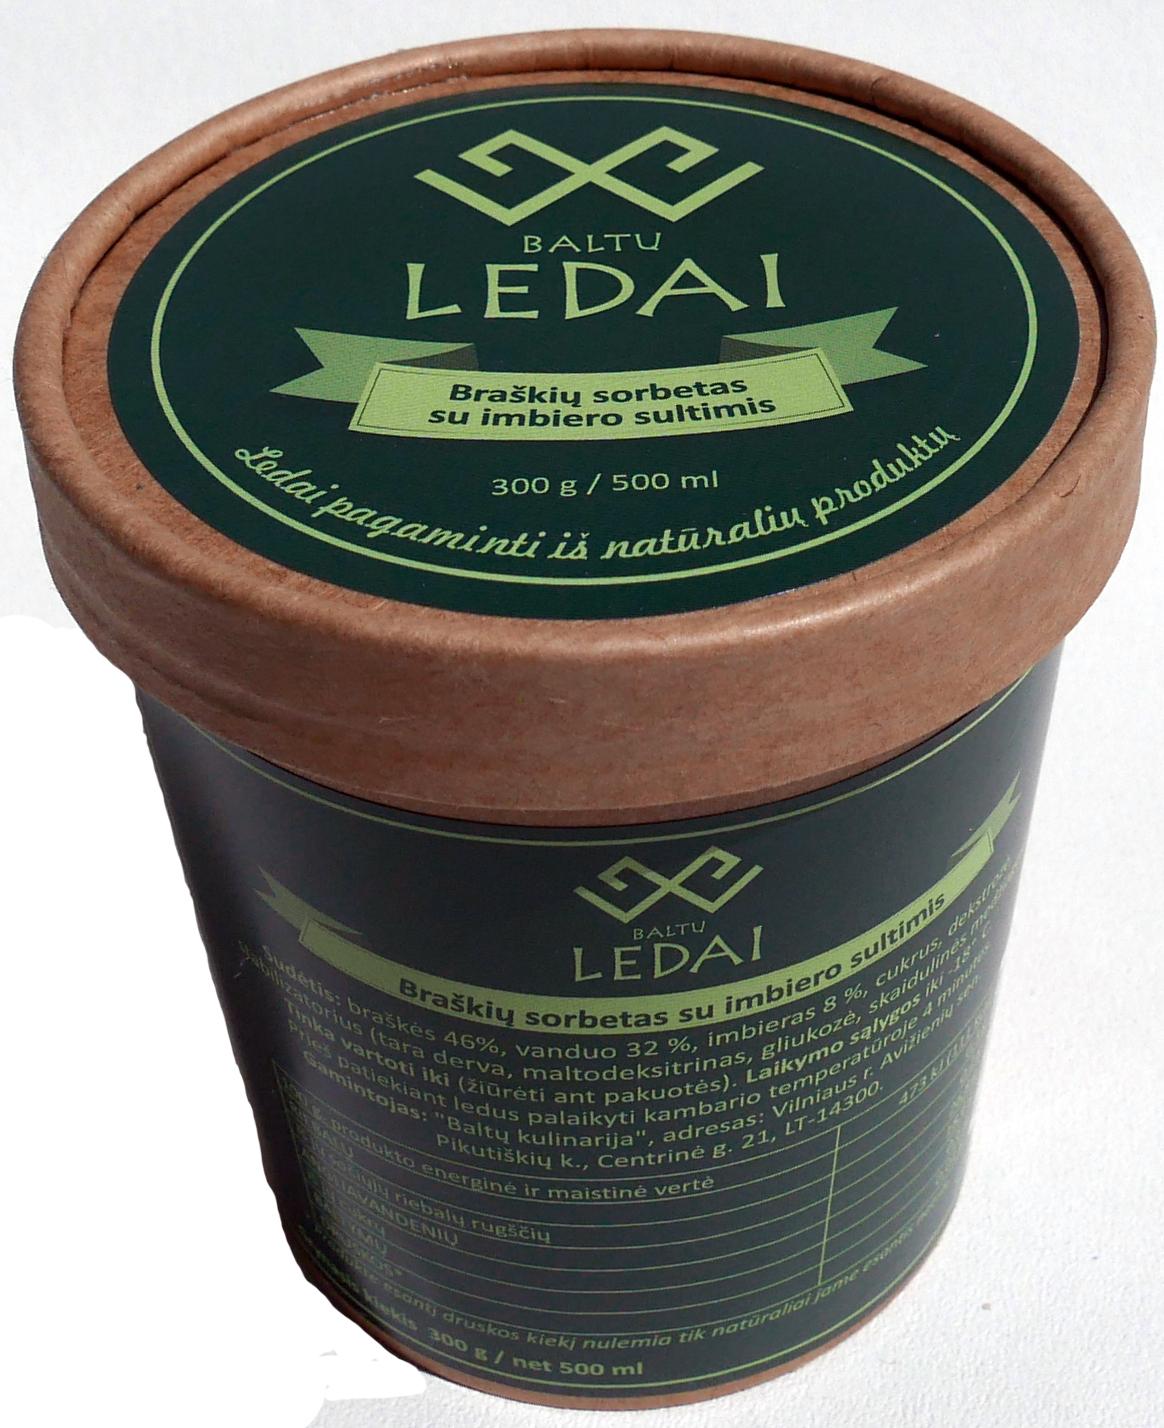 Valgomieji ledai BALTŲ LEDAI Braškių sorbetas su imbiero sultimis, 300g